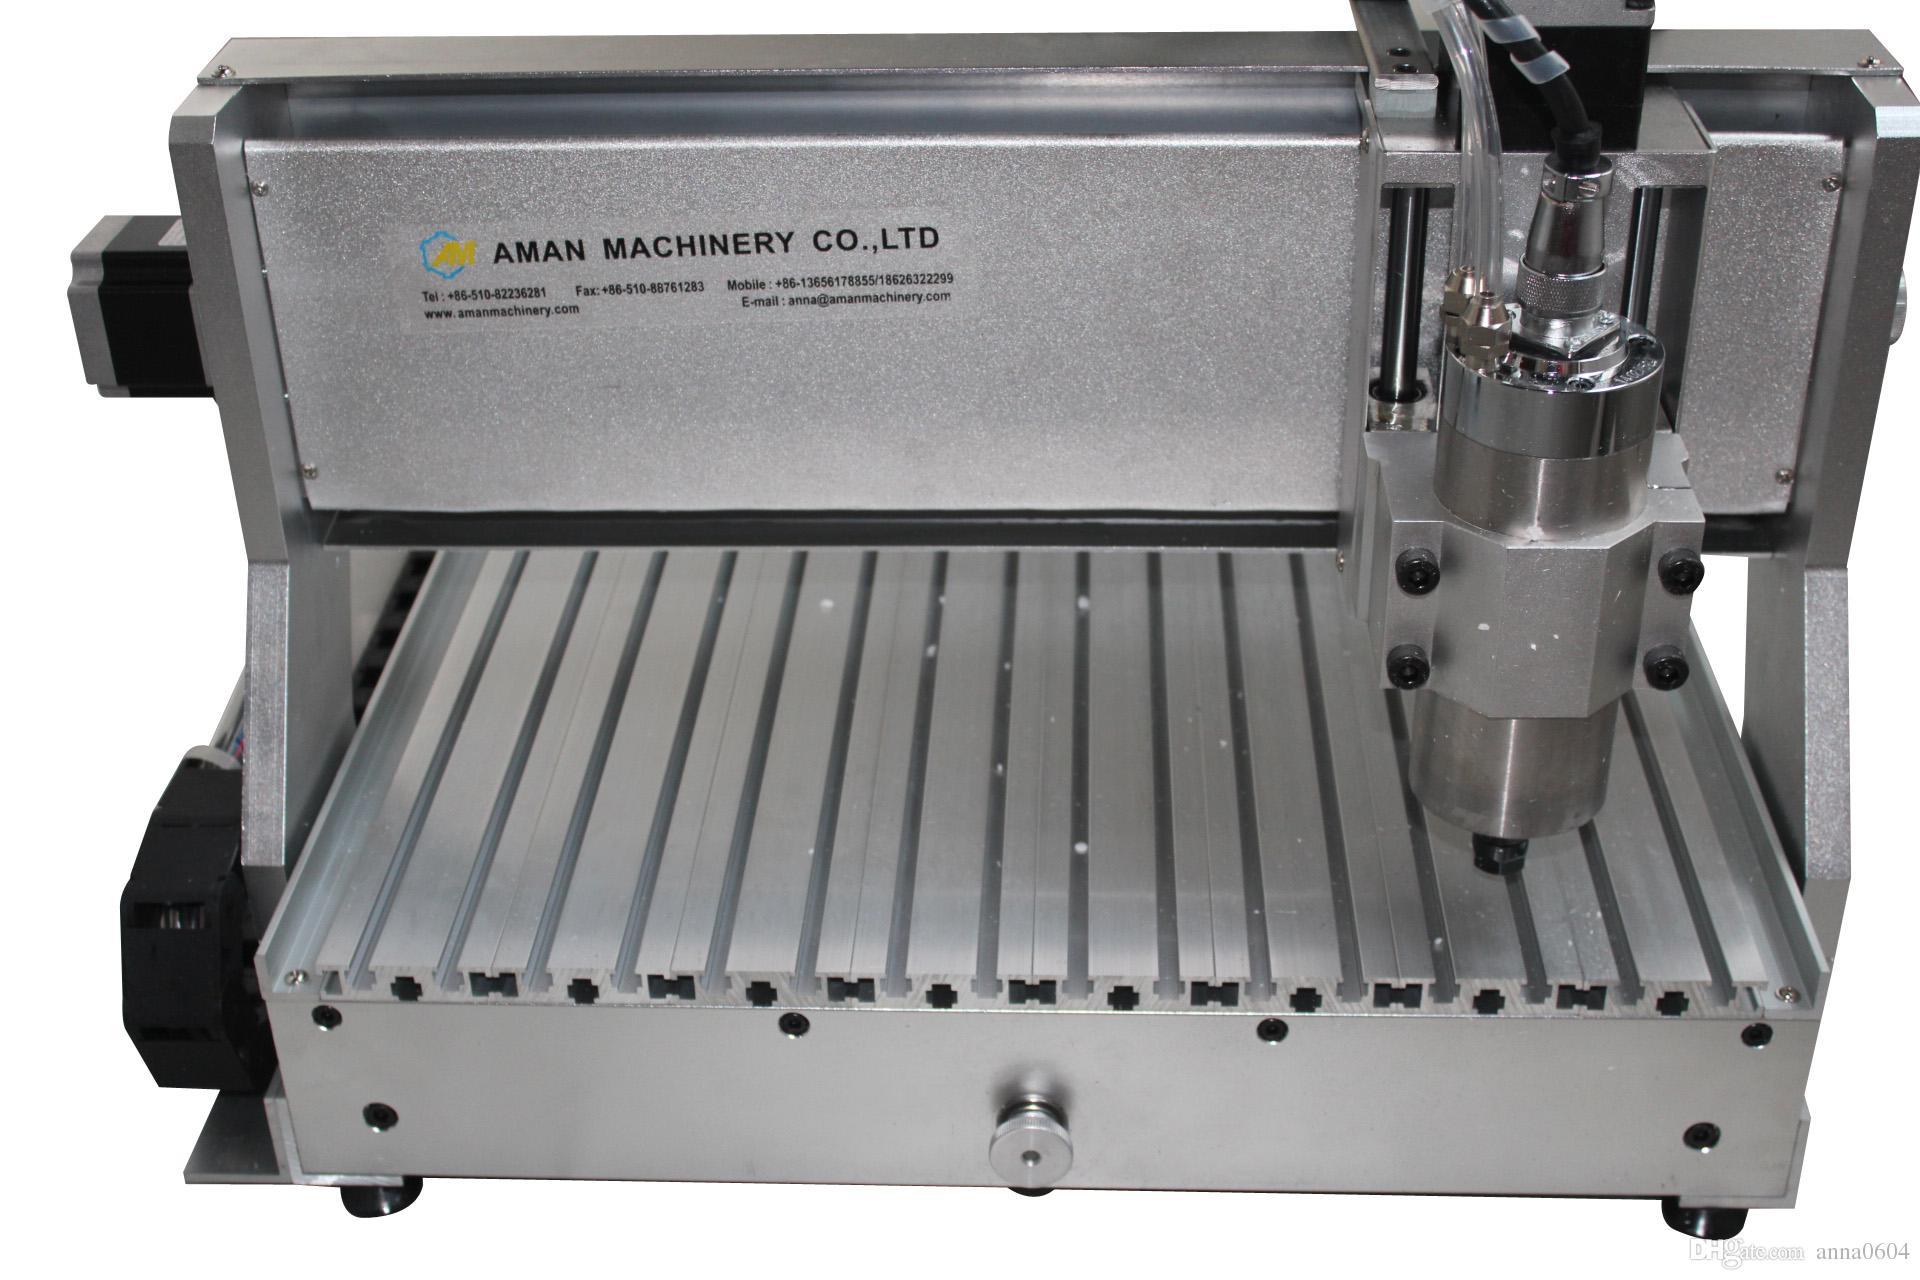 2018 chaud haute précision wuxi aman portes en bois machines de gravure, 4 axes cnc 6040 800 W bois cnc machine de gravure pour bois design en plastique